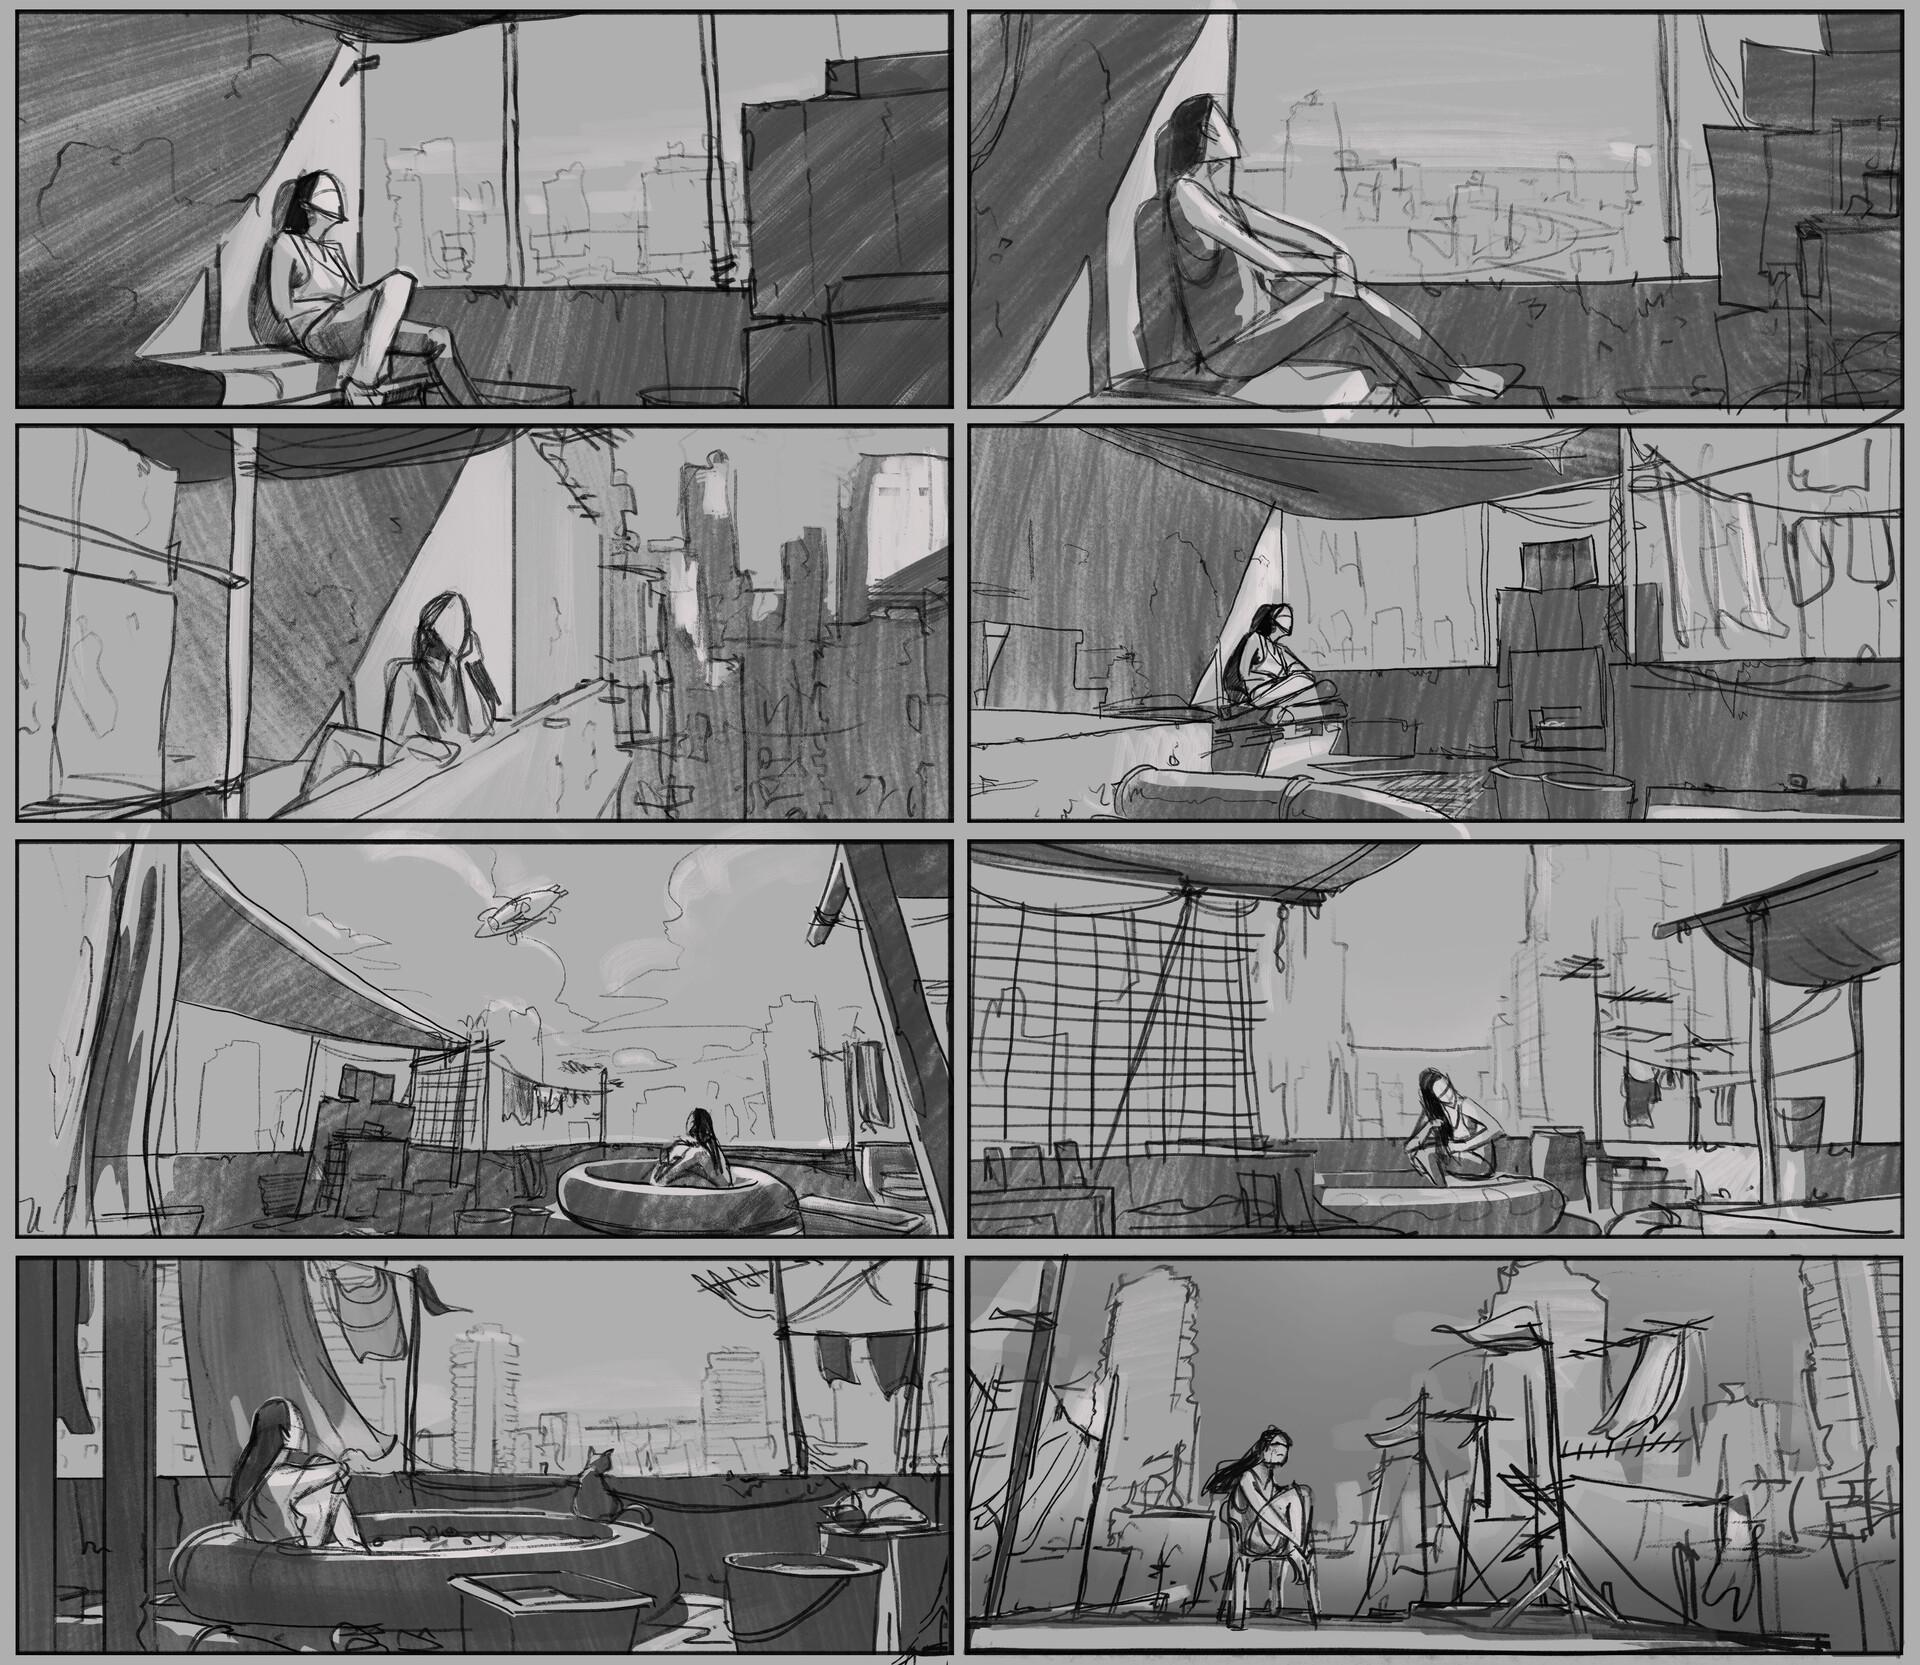 Julien gauthier bangkokxxiii emikosplace sketch v002